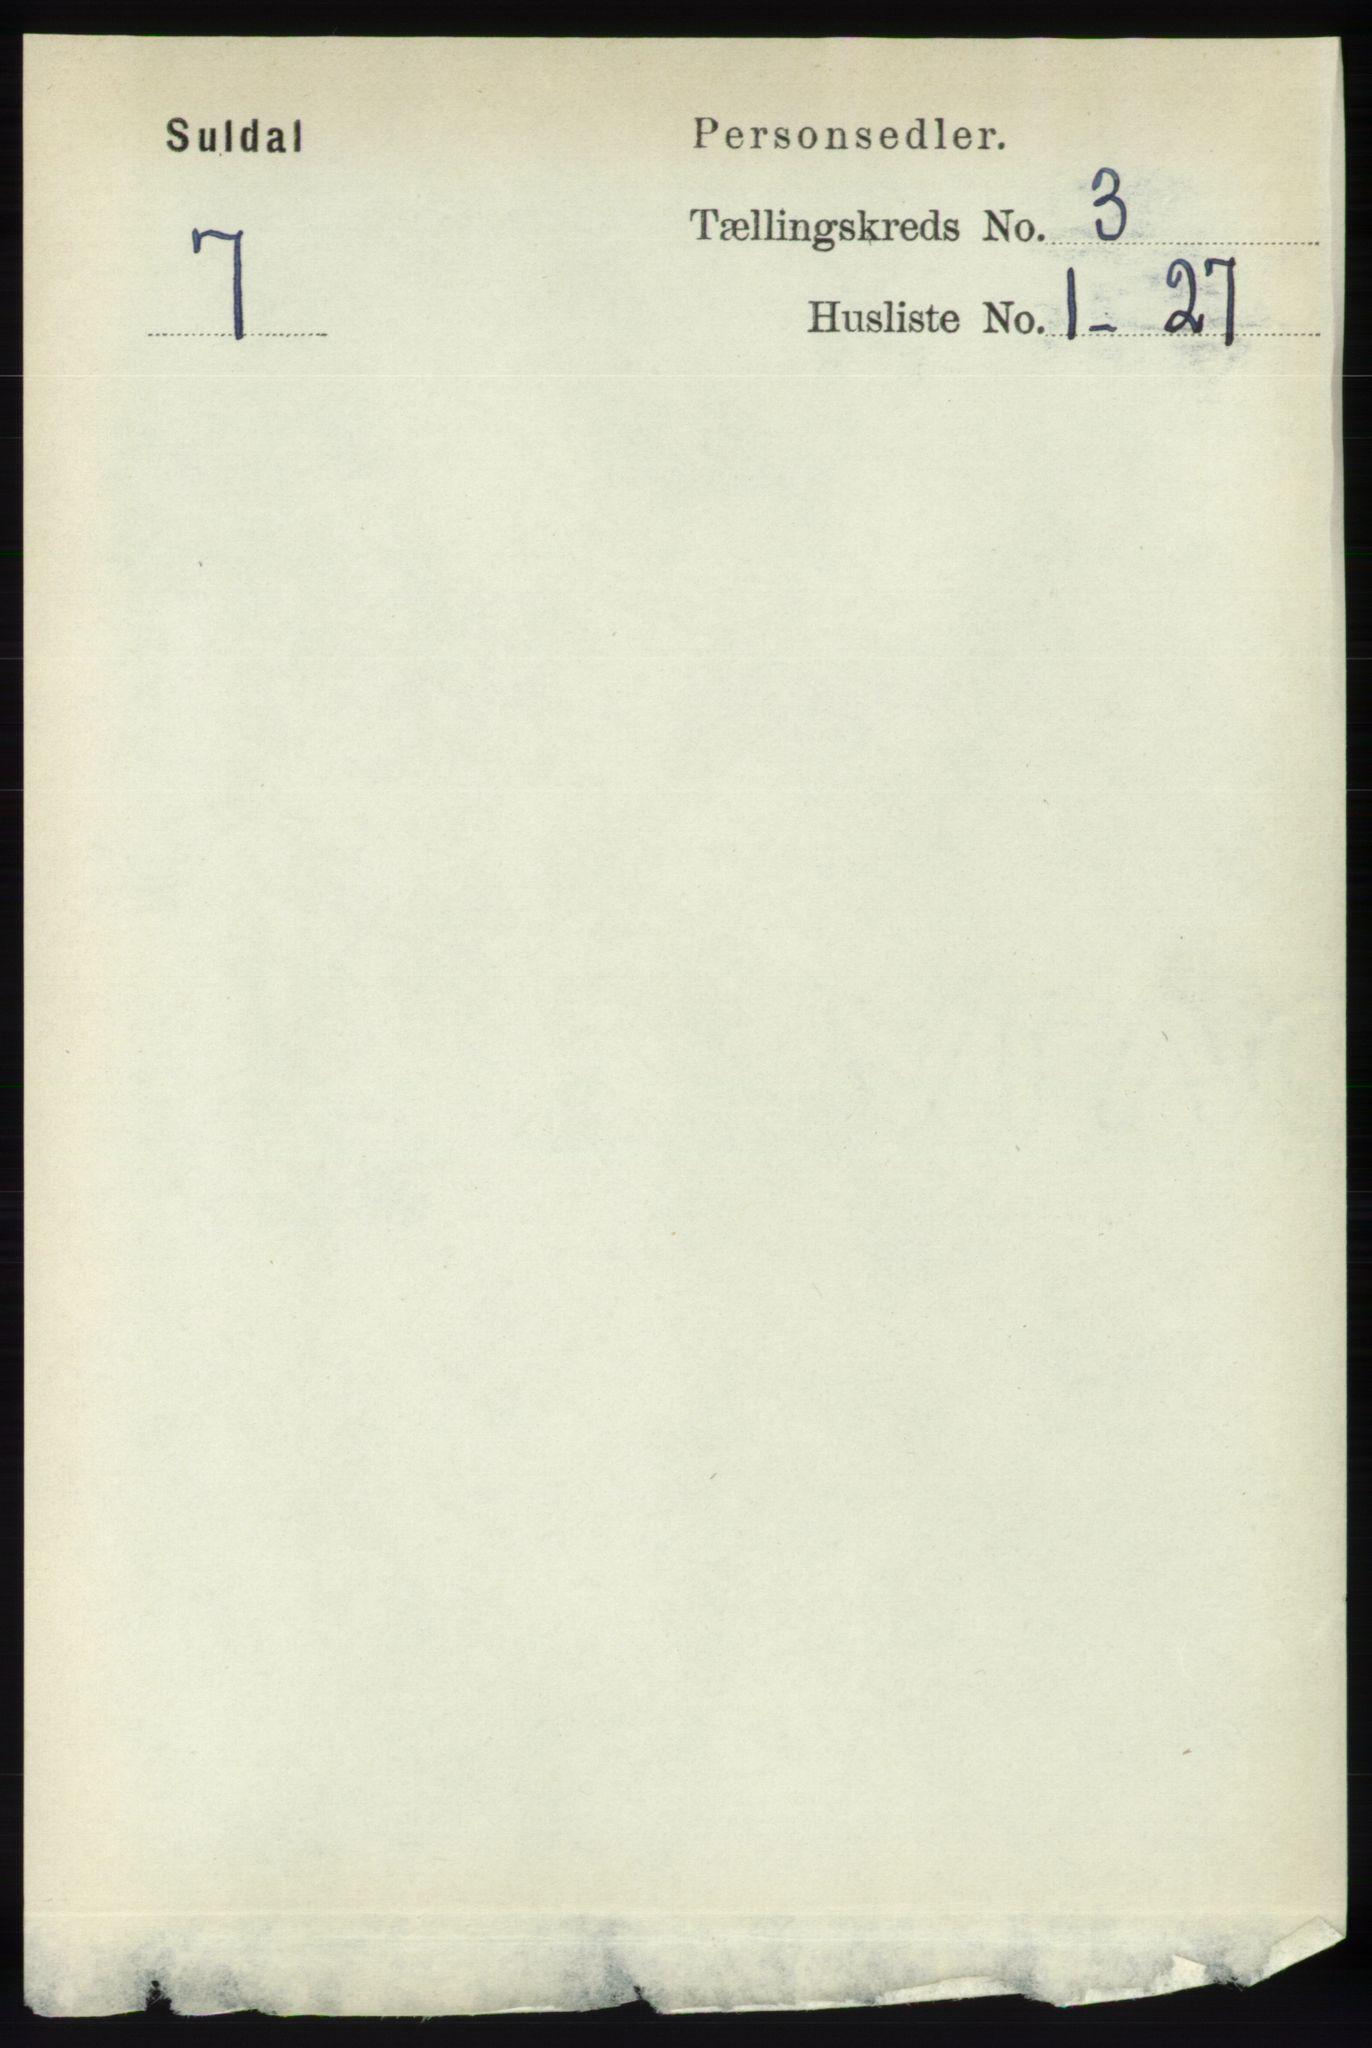 RA, Folketelling 1891 for 1134 Suldal herred, 1891, s. 612